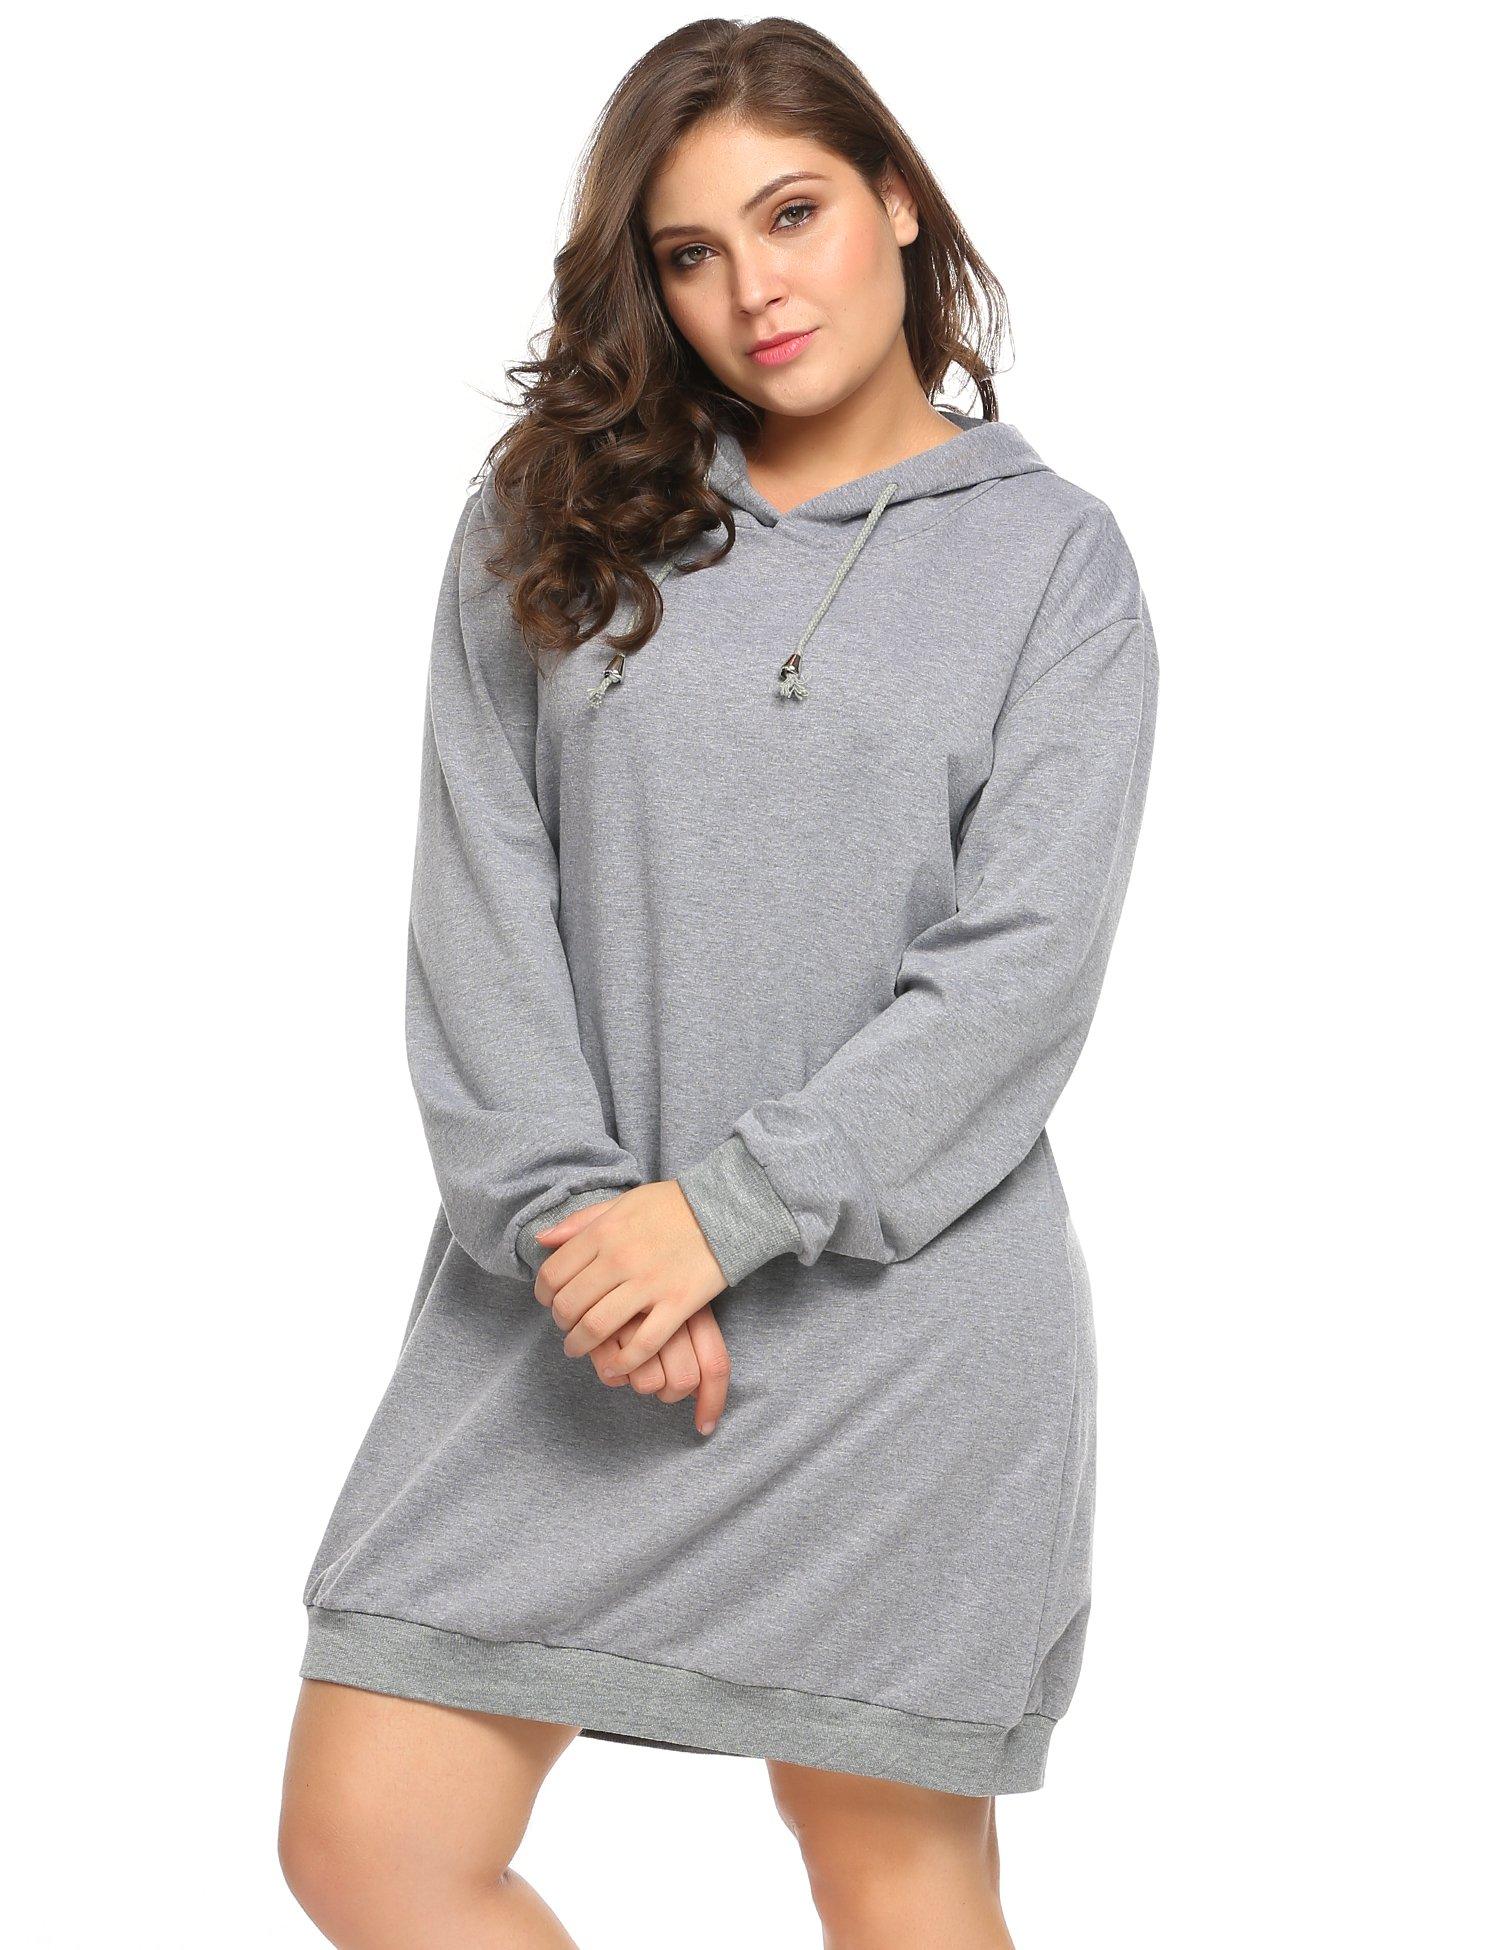 IN'VOLAND Women's Plus Size Long Sleeve Hooded Pullover Sweatshirt Hoodie Dress (16W-24W)